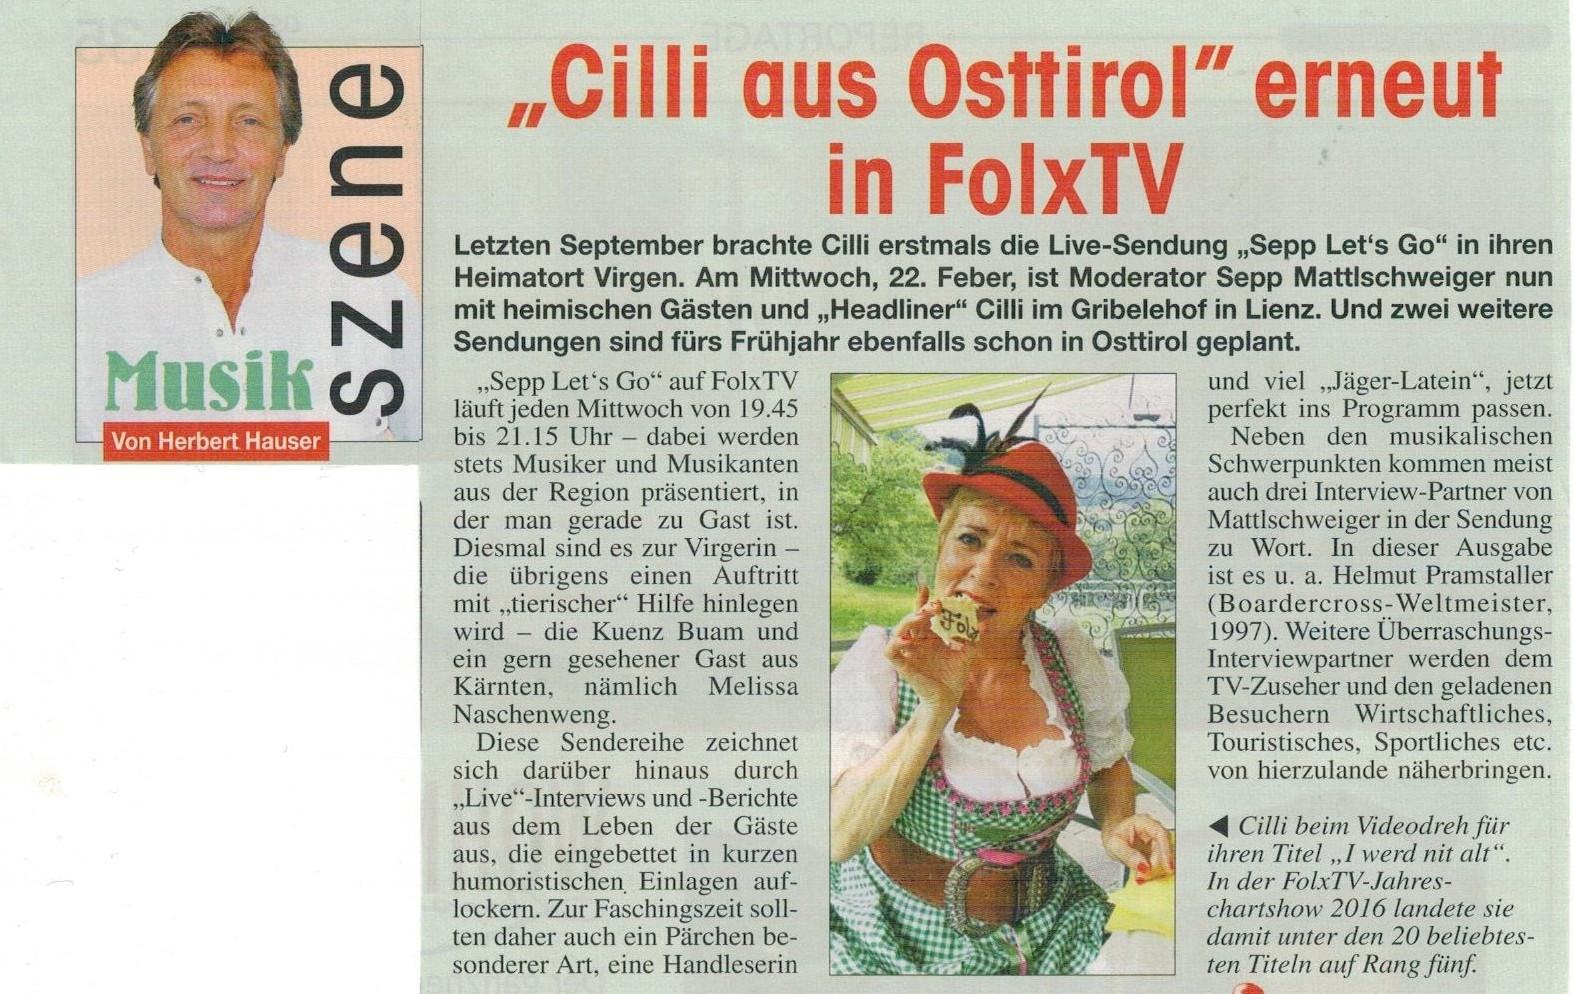 Cilli bei Sepp let's go im Gribelehof Osttiroler Bote 09.02.17